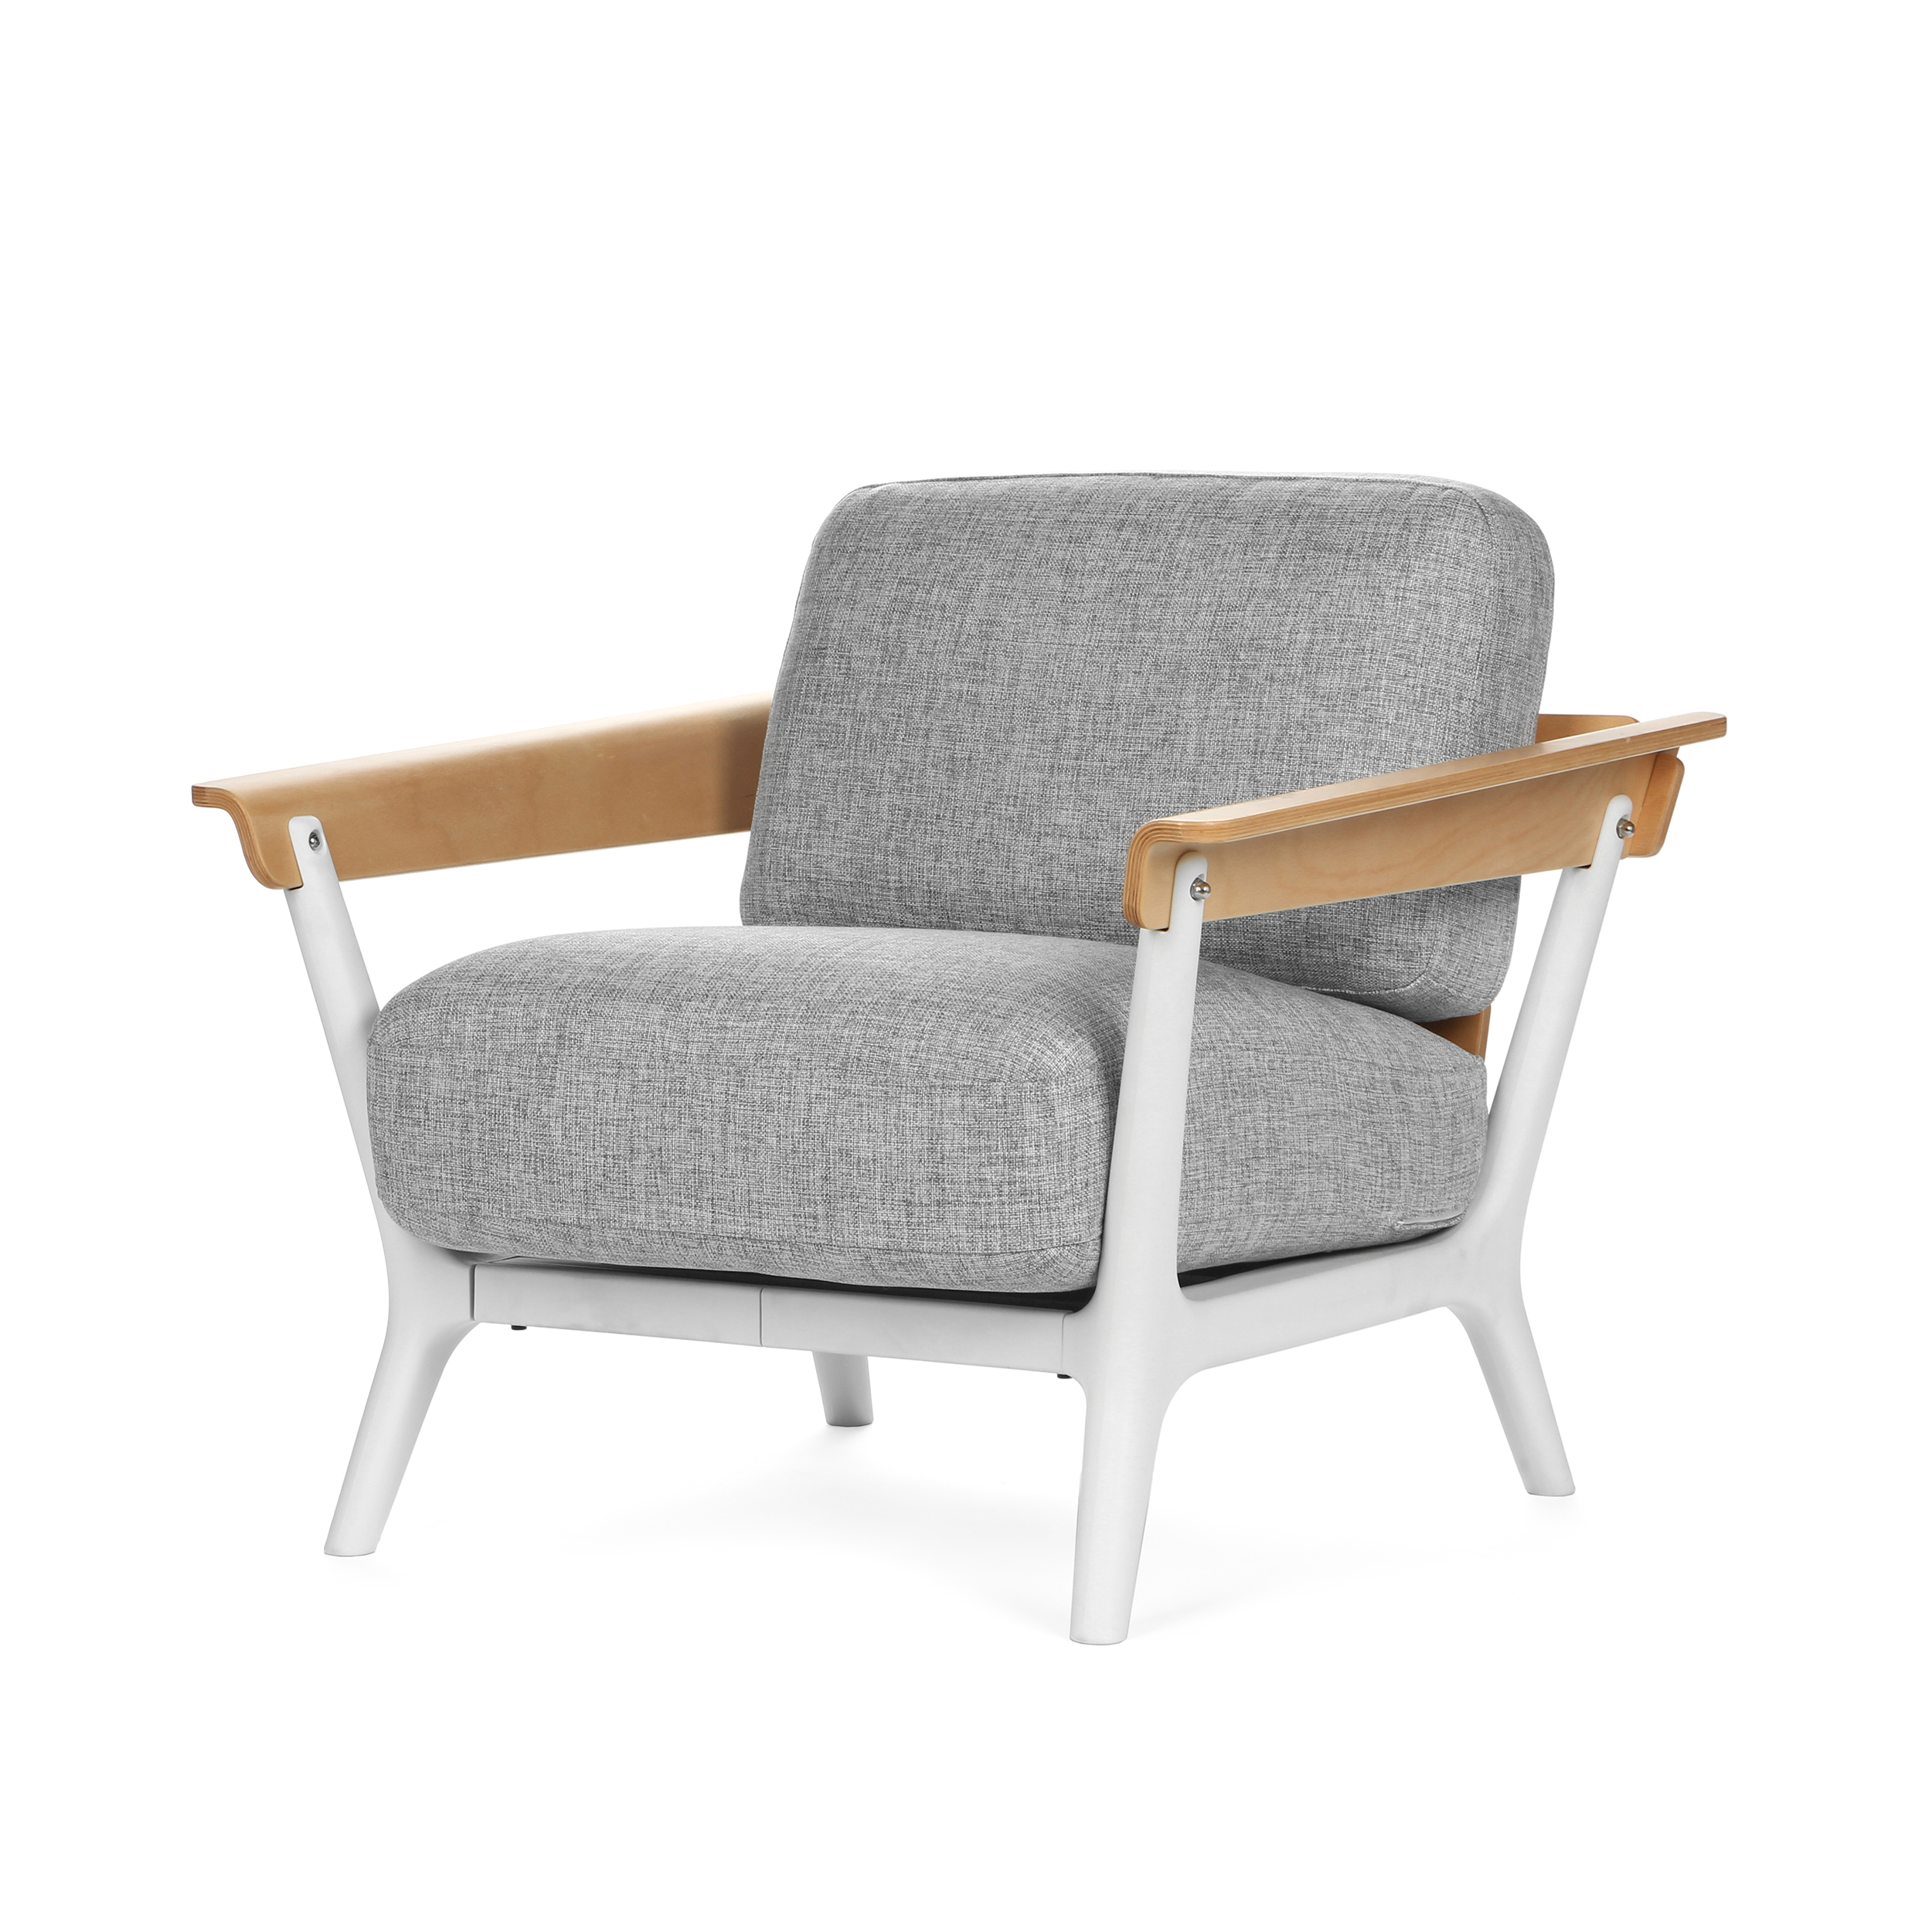 Кресло VeneziaИнтерьерные<br>Дизайнерское Легкое небольшое мягкое кресло Venezia (Венеция) от Cosmo (Космо).<br><br>Емкое и содержательное название изделия совсем под стать его дизайну. О простом, но непременно стильном кресле Venezia можно по праву сказать «модное и со вкусом».<br> <br> Дизайн оригинального кресла Venezia выполнен в стиле датский модерн. Это один из вариантов стиля модерн, возникший в 1930-х годах. Известен также как шведский или датский модерн. Это дизайн-направление в интерьере, в котором все подчиняется гл...<br><br>stock: 0<br>Высота: 82<br>Высота сиденья: 40<br>Ширина: 81,5<br>Глубина: 91<br>Цвет ножек: Белый<br>Материал каркаса: Массив бука<br>Материал обивки: Лен<br>Тип материала каркаса: Дерево<br>Тип материала обивки: Ткань<br>Тип материала ножек: Полипропилен<br>Цвет обивки: Серый<br>Цвет каркаса: Коричневый